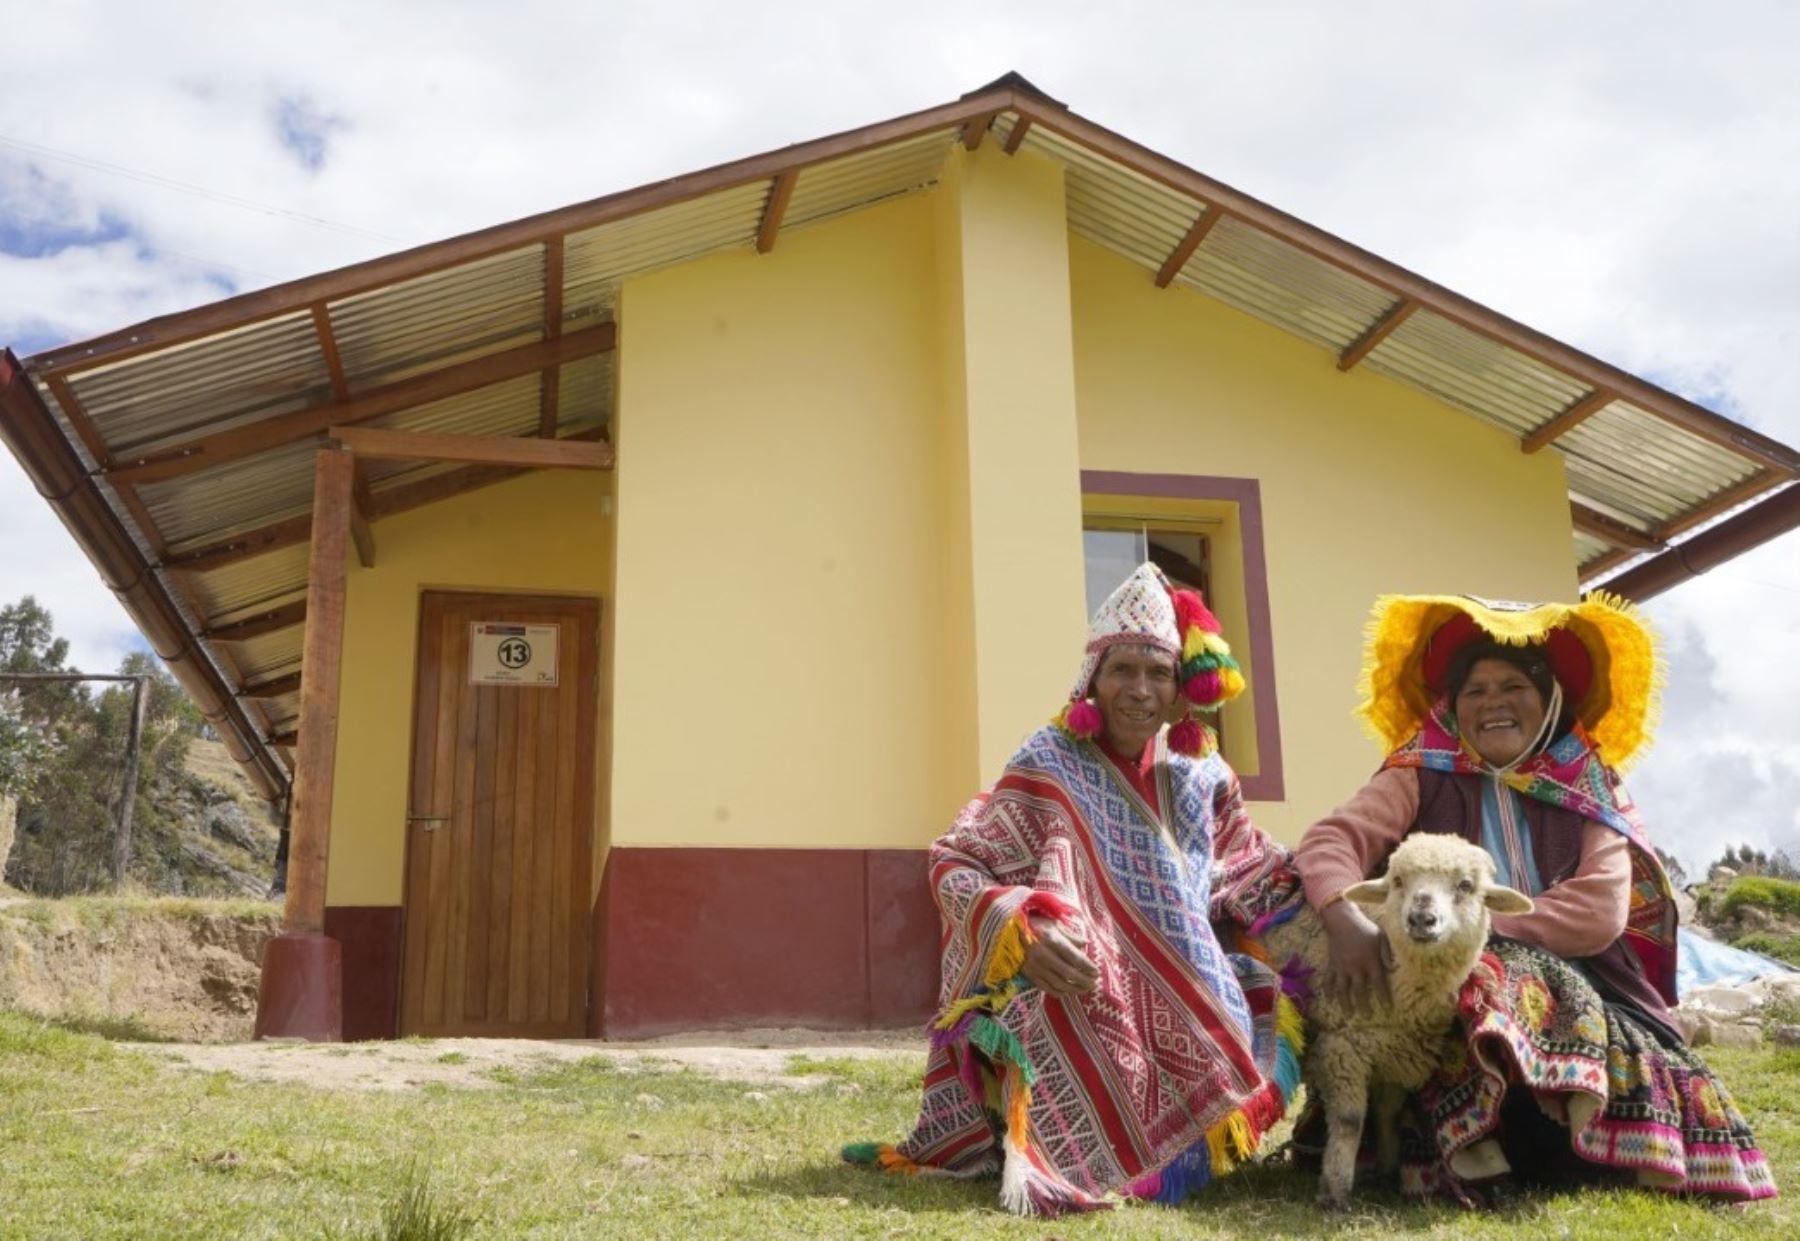 Ministerio de Vivienda inició la construcción de casas bioclimáticas en las zonas altas de Cusco para proteger a población de las bajas temperaturas.